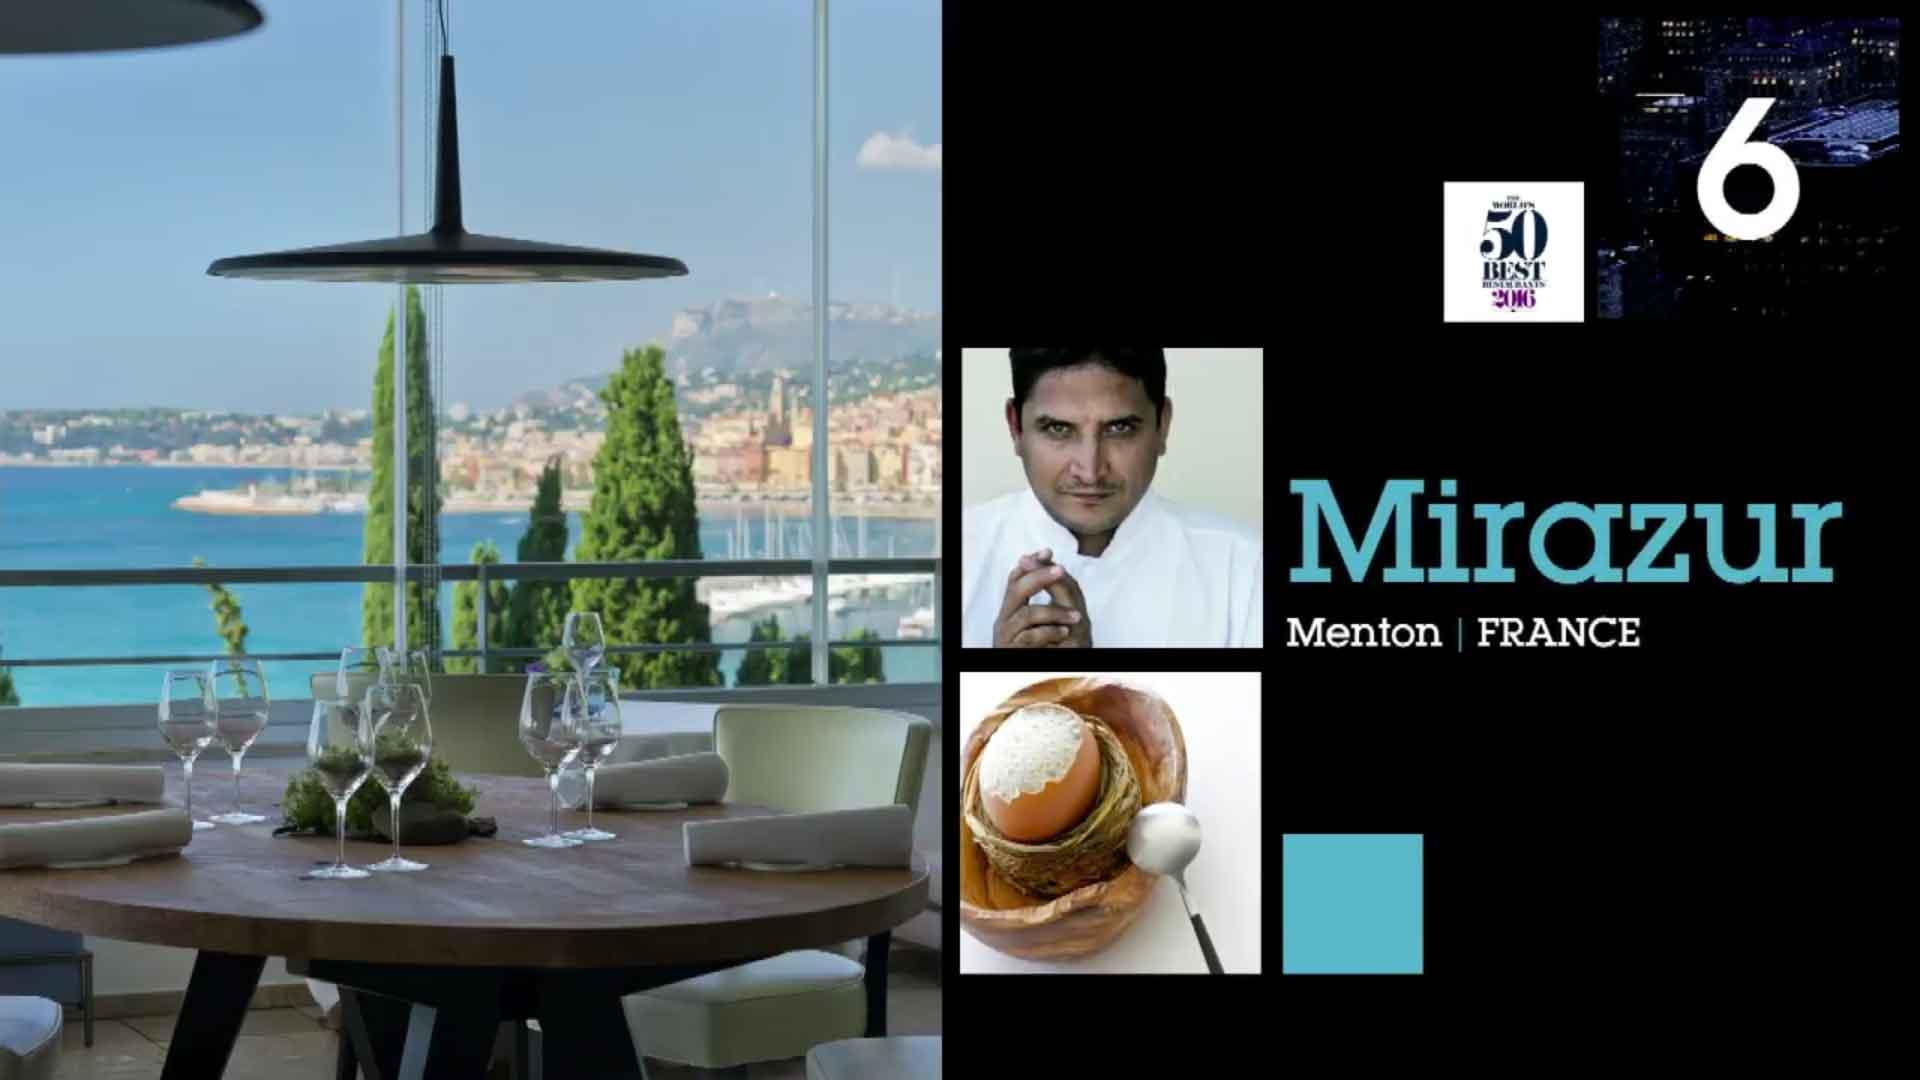 50 Best Restaurants 2016 classifica 6